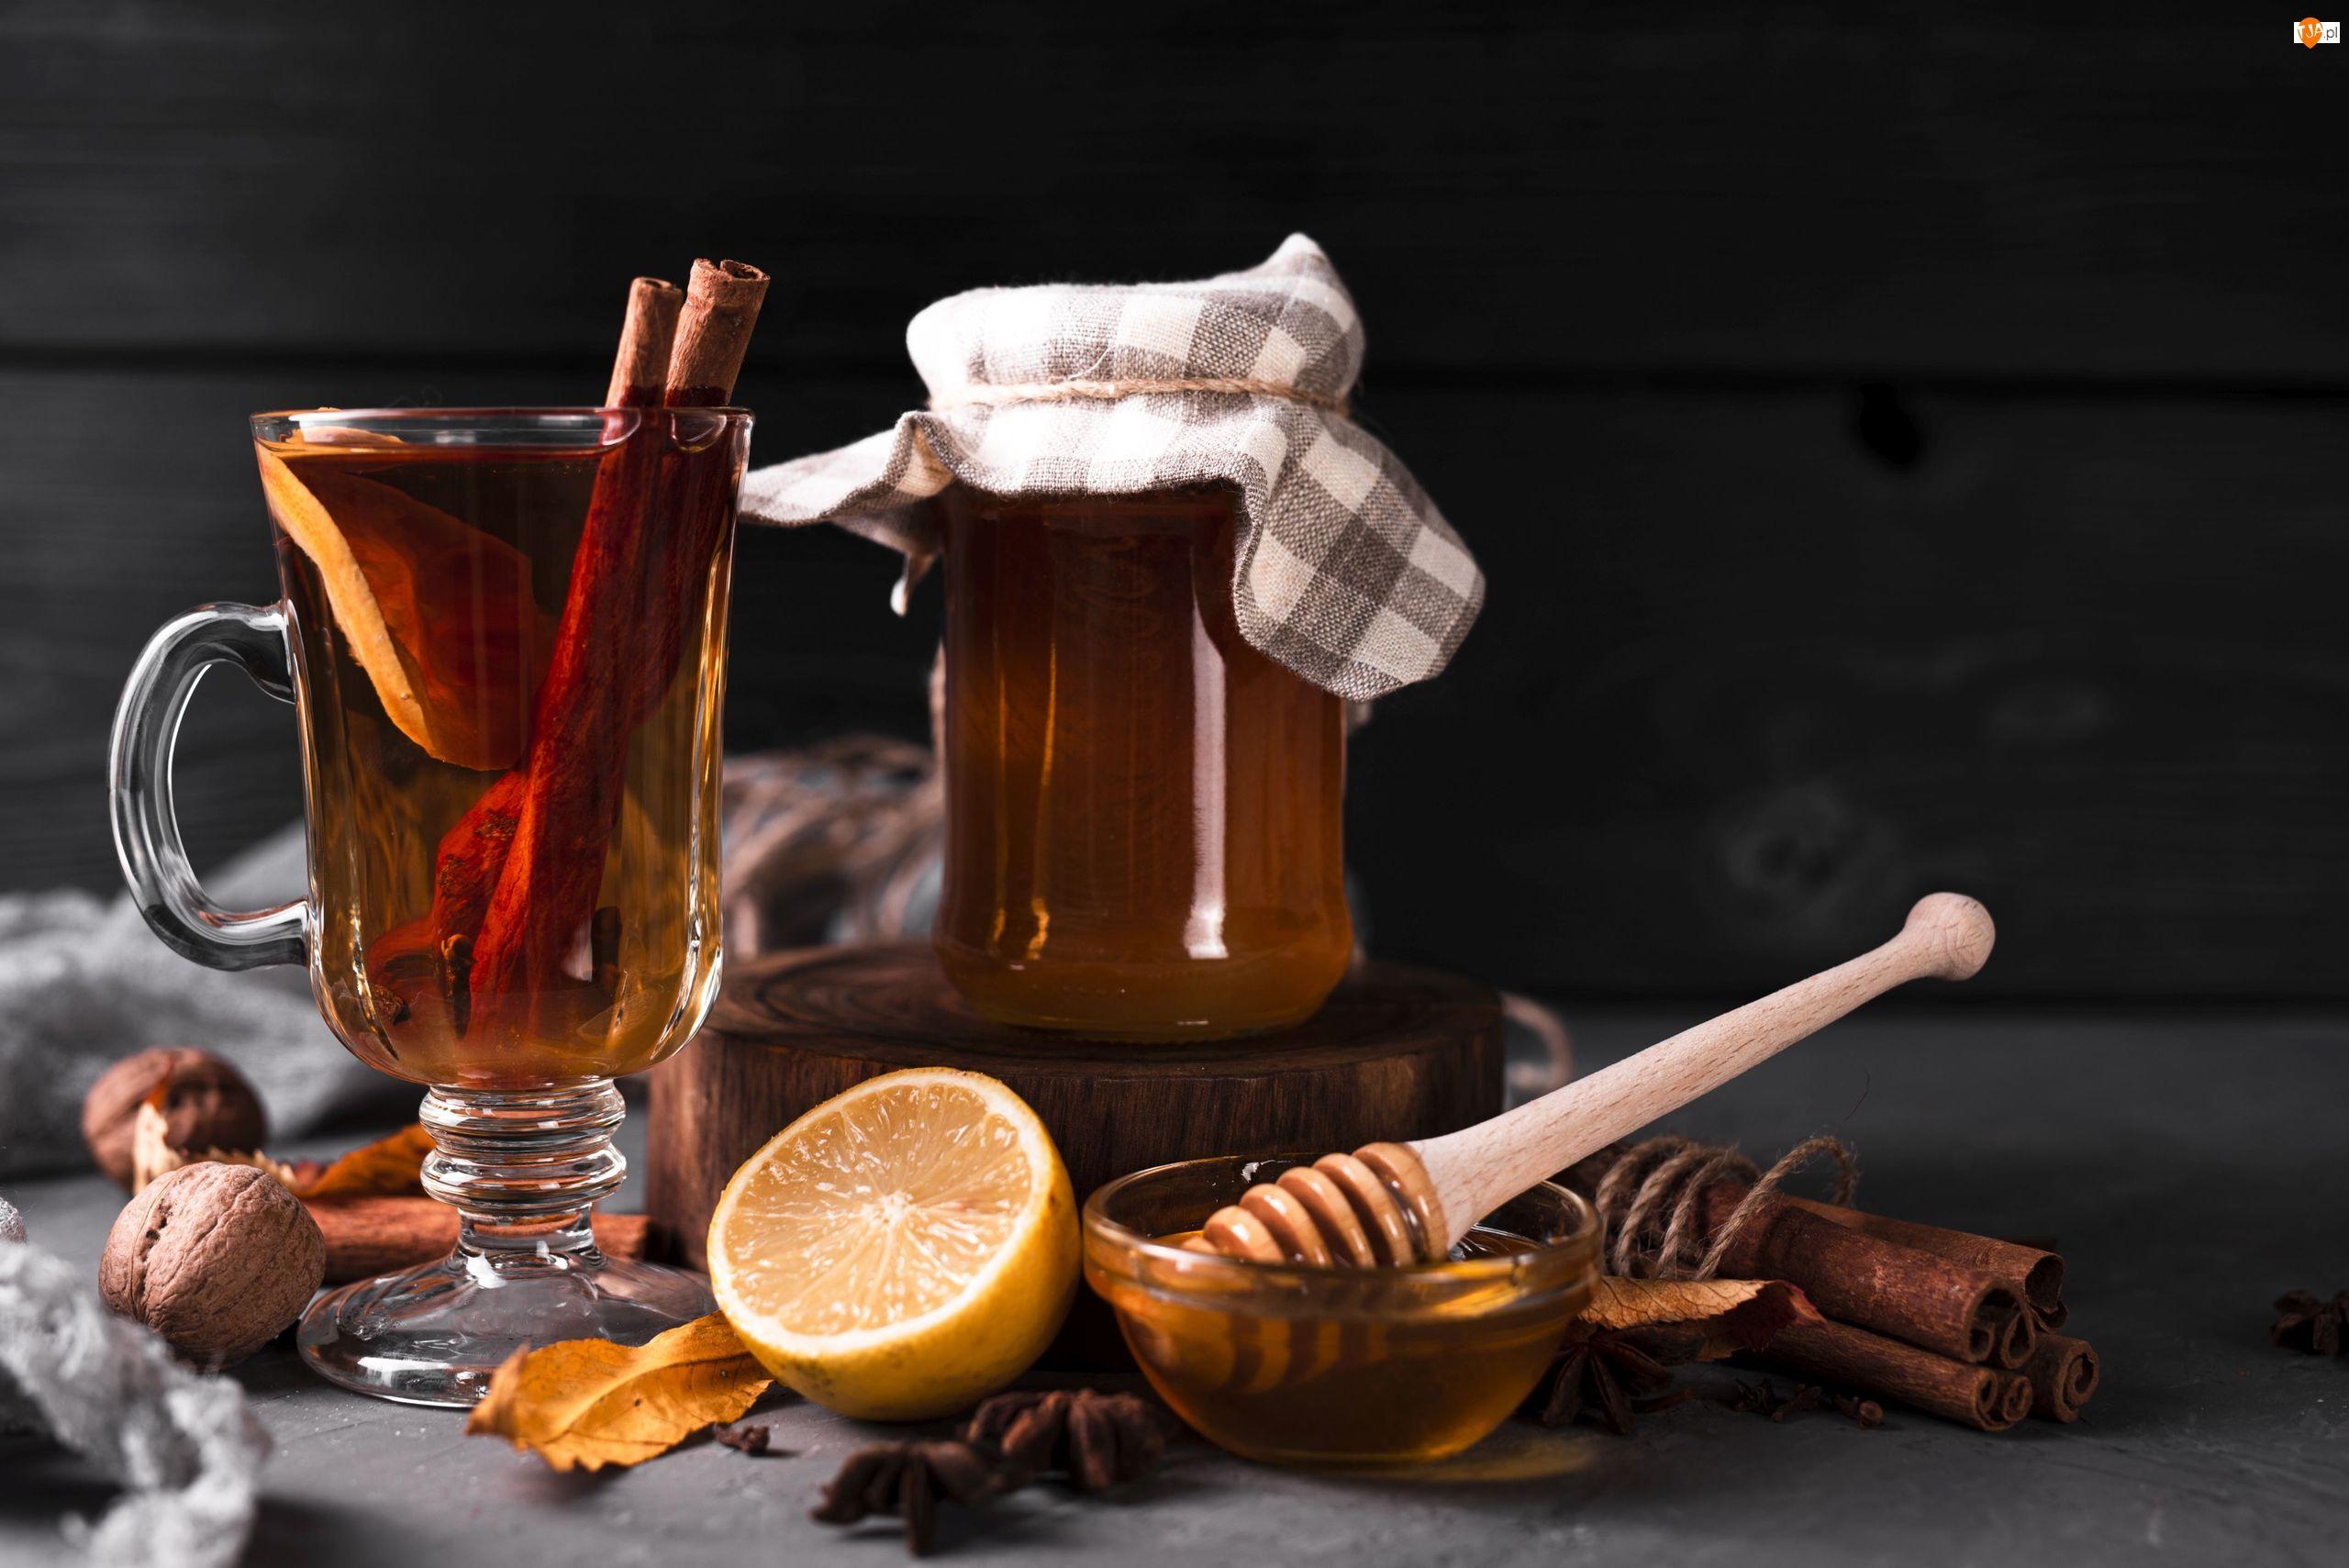 Herbata, Cytryna, Liście, Szklanka, Orzechy, Miód, Filiżanka